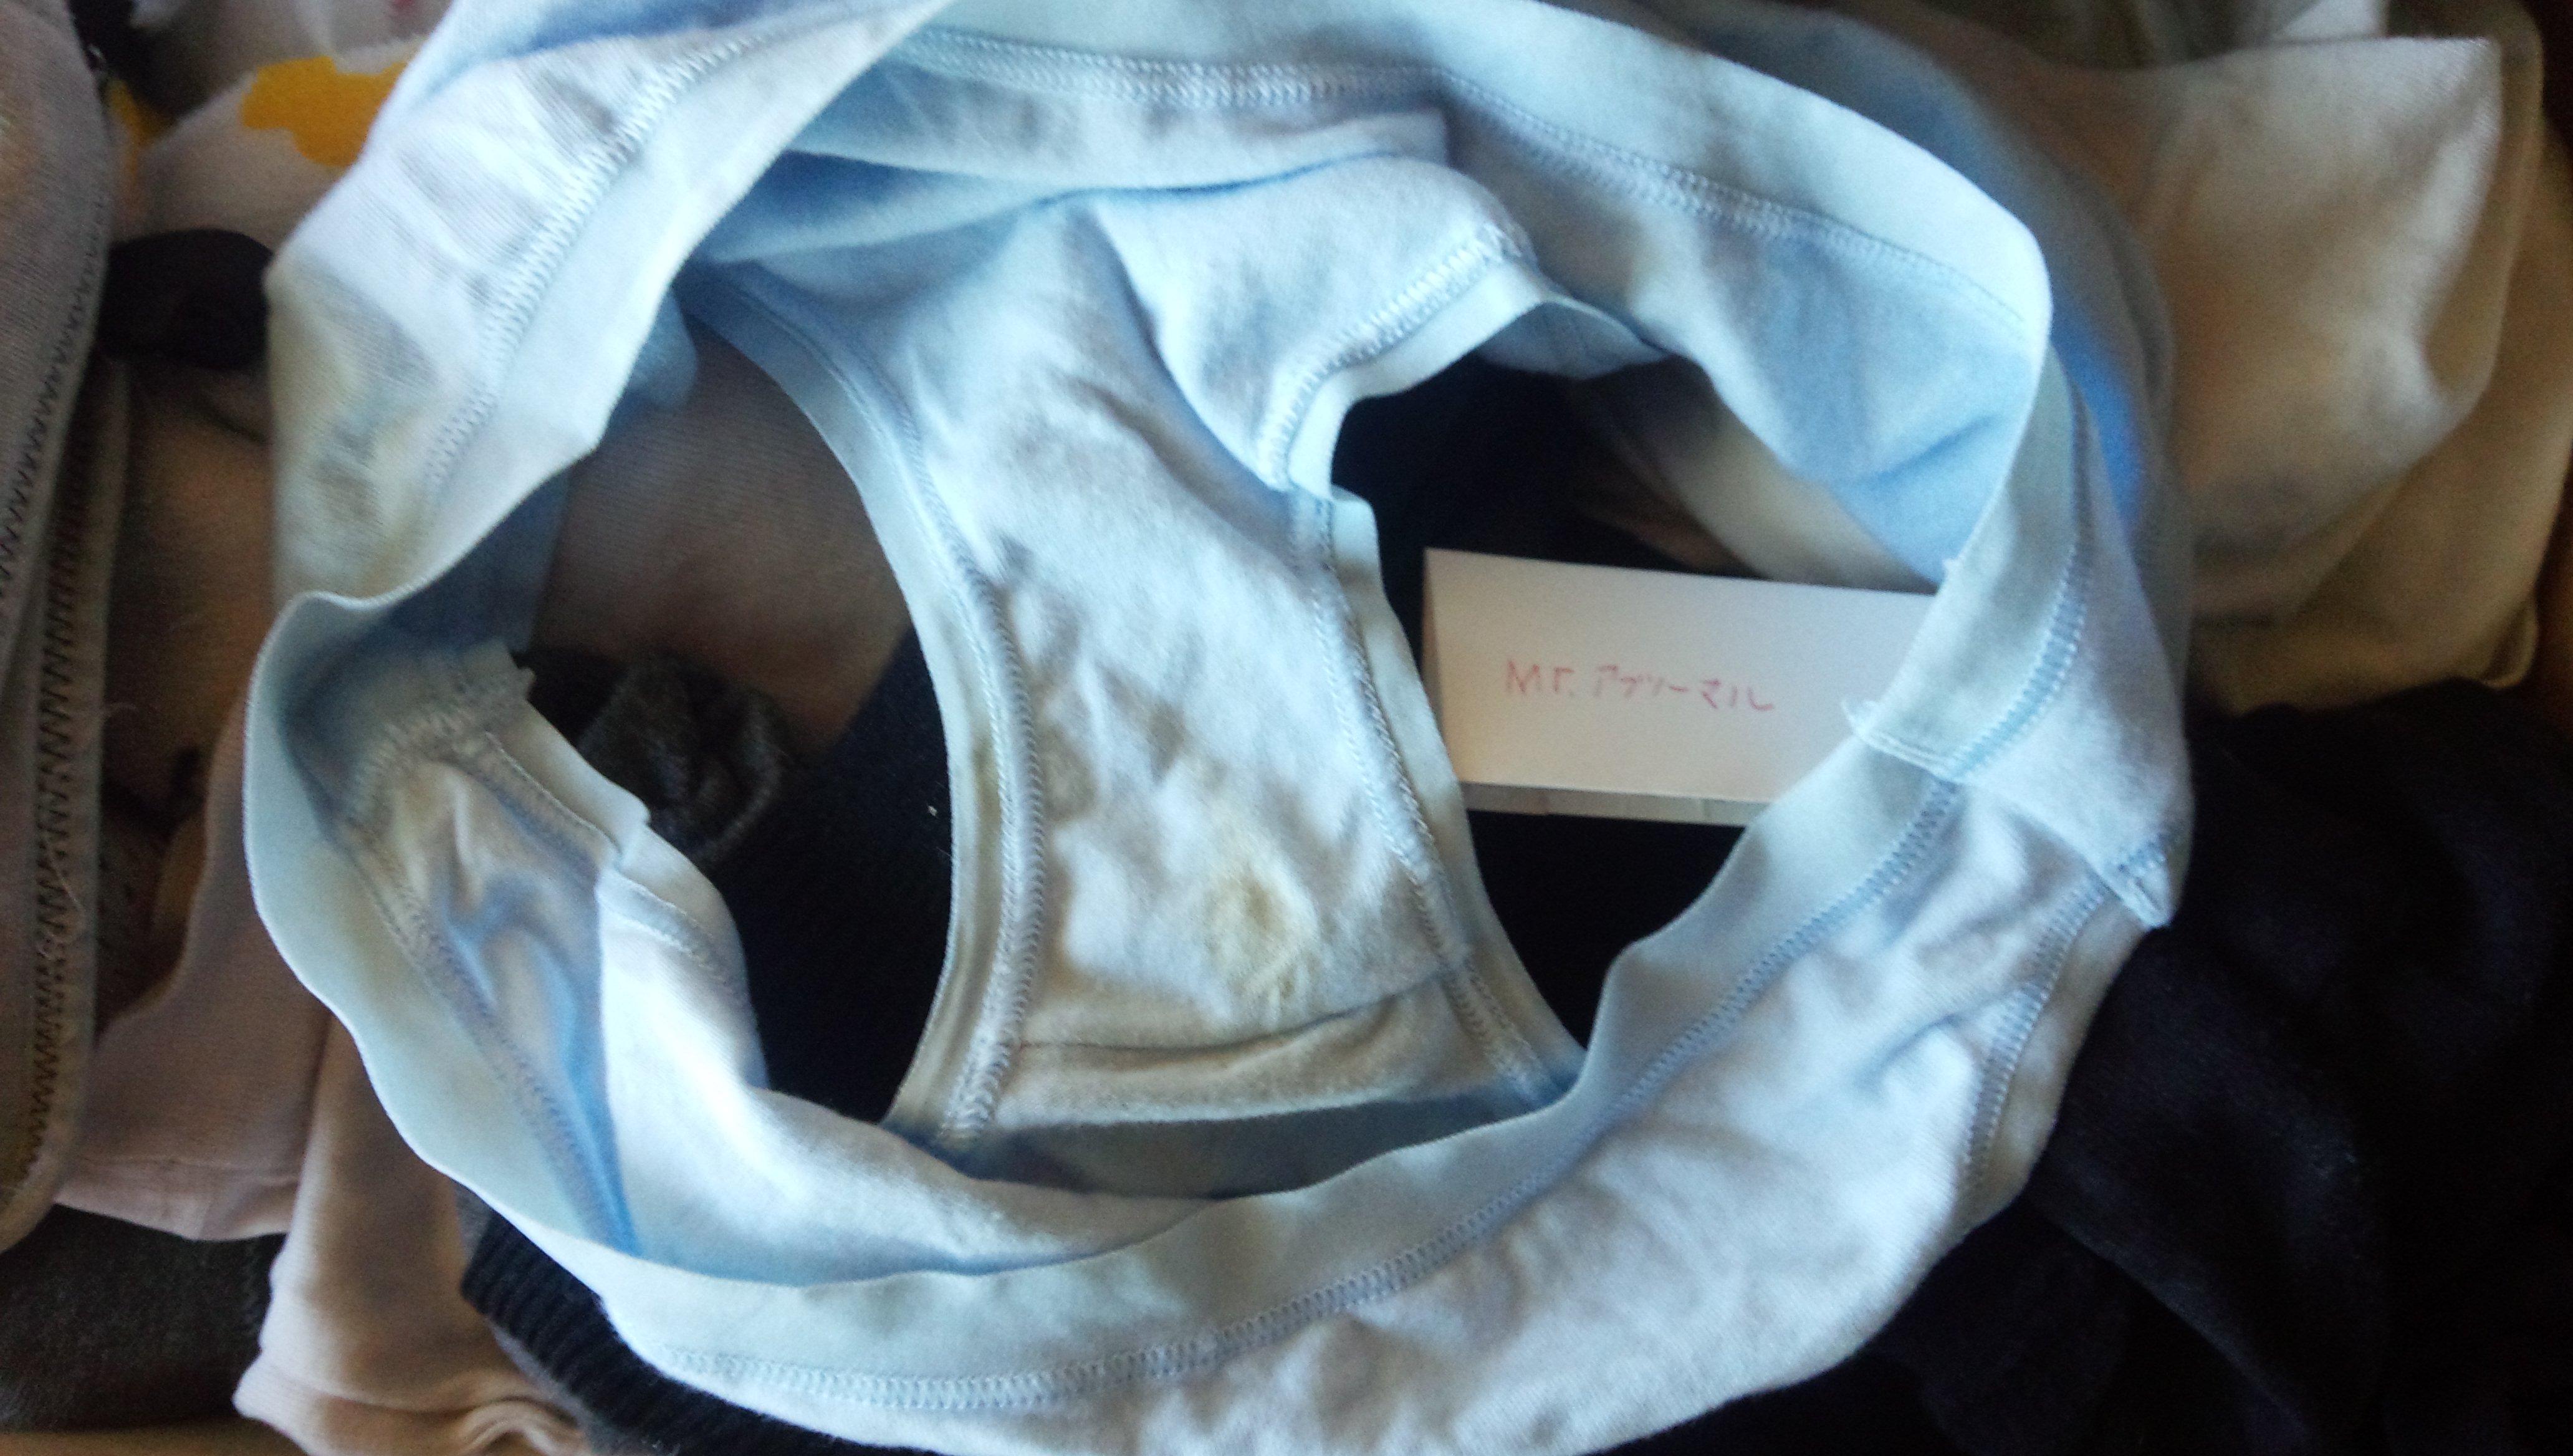 パンこき ... jk妹のロリパンツを盗撮パンコキ射精した下着画像13枚目